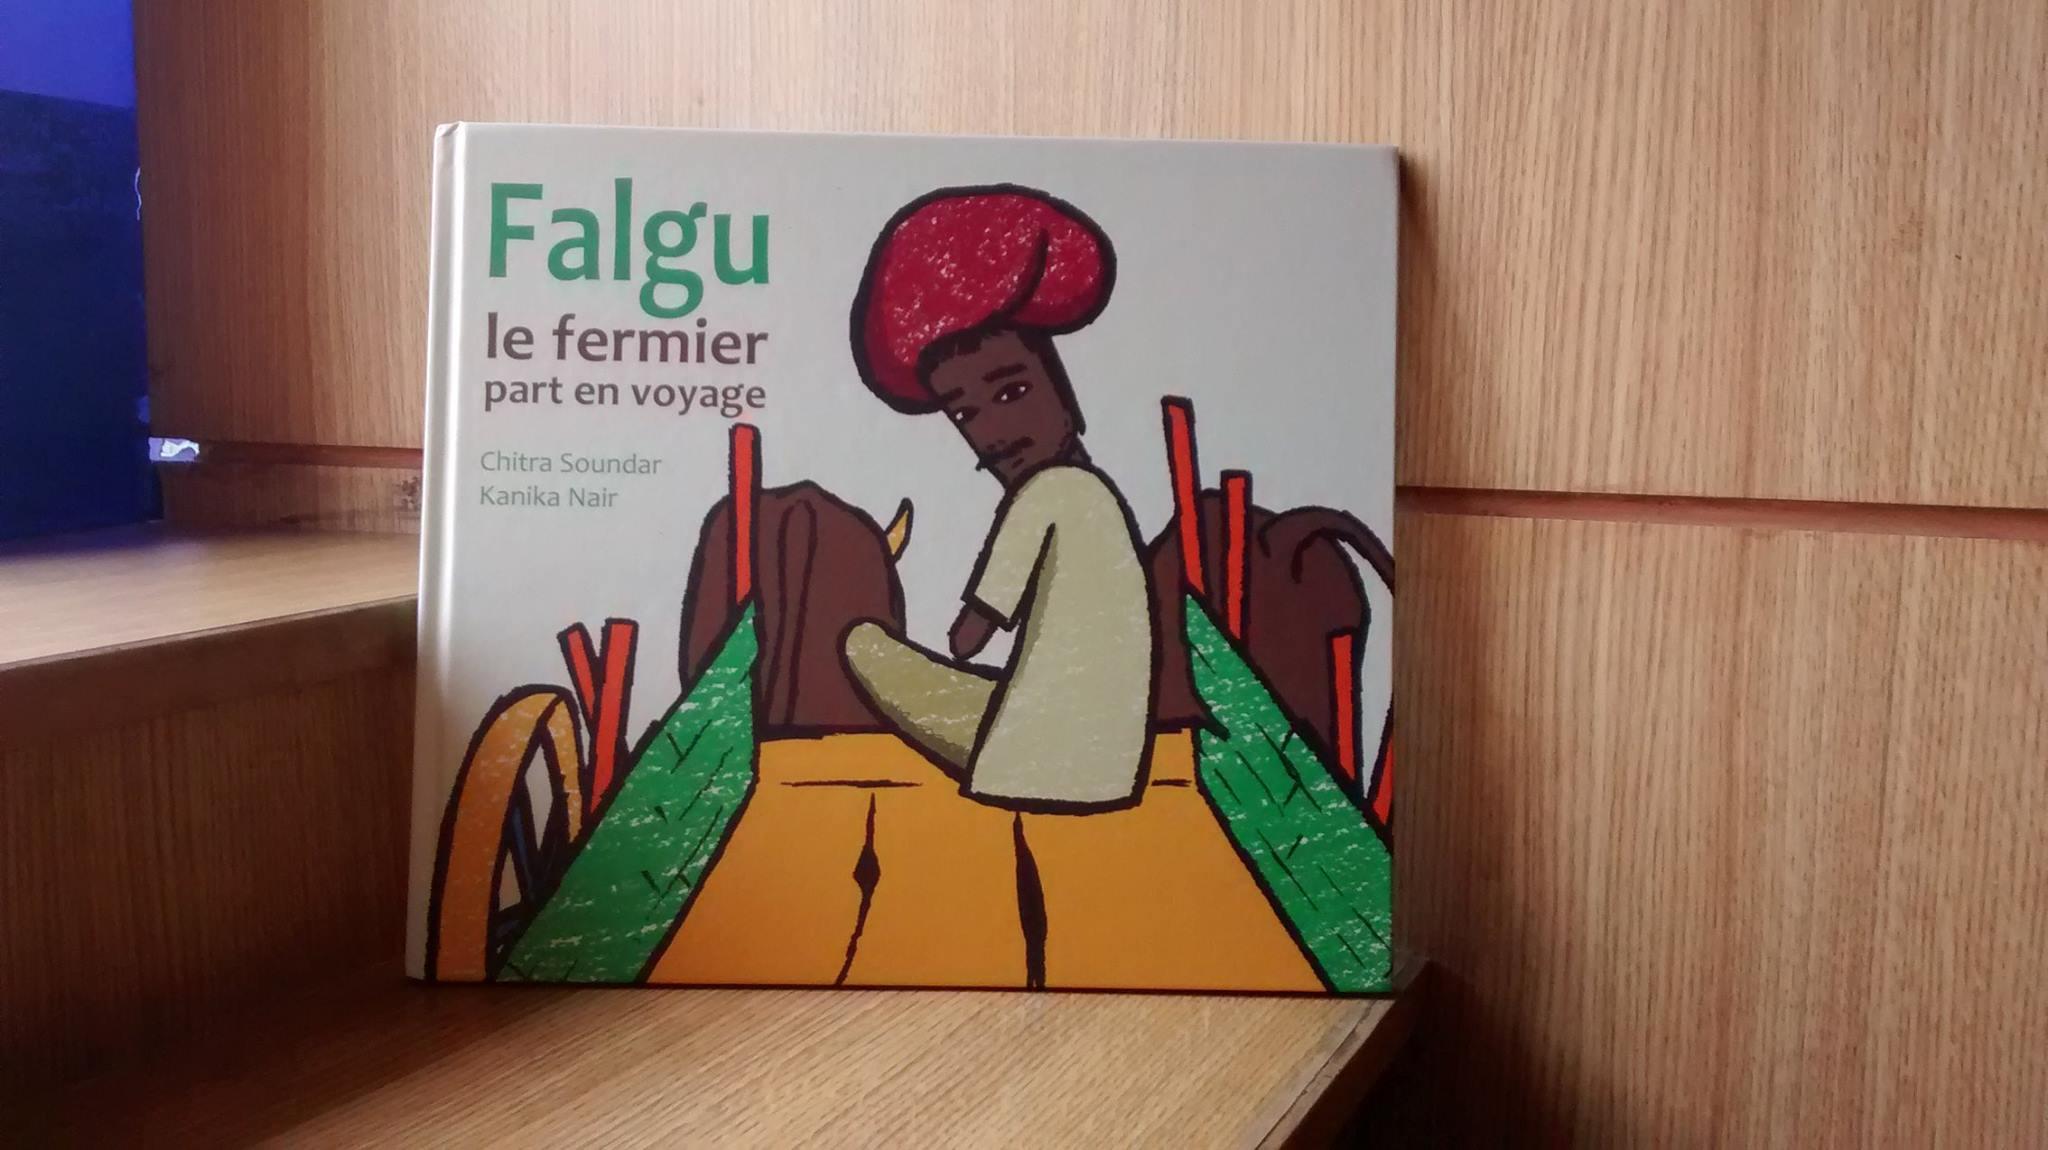 Farmer Falgu in French